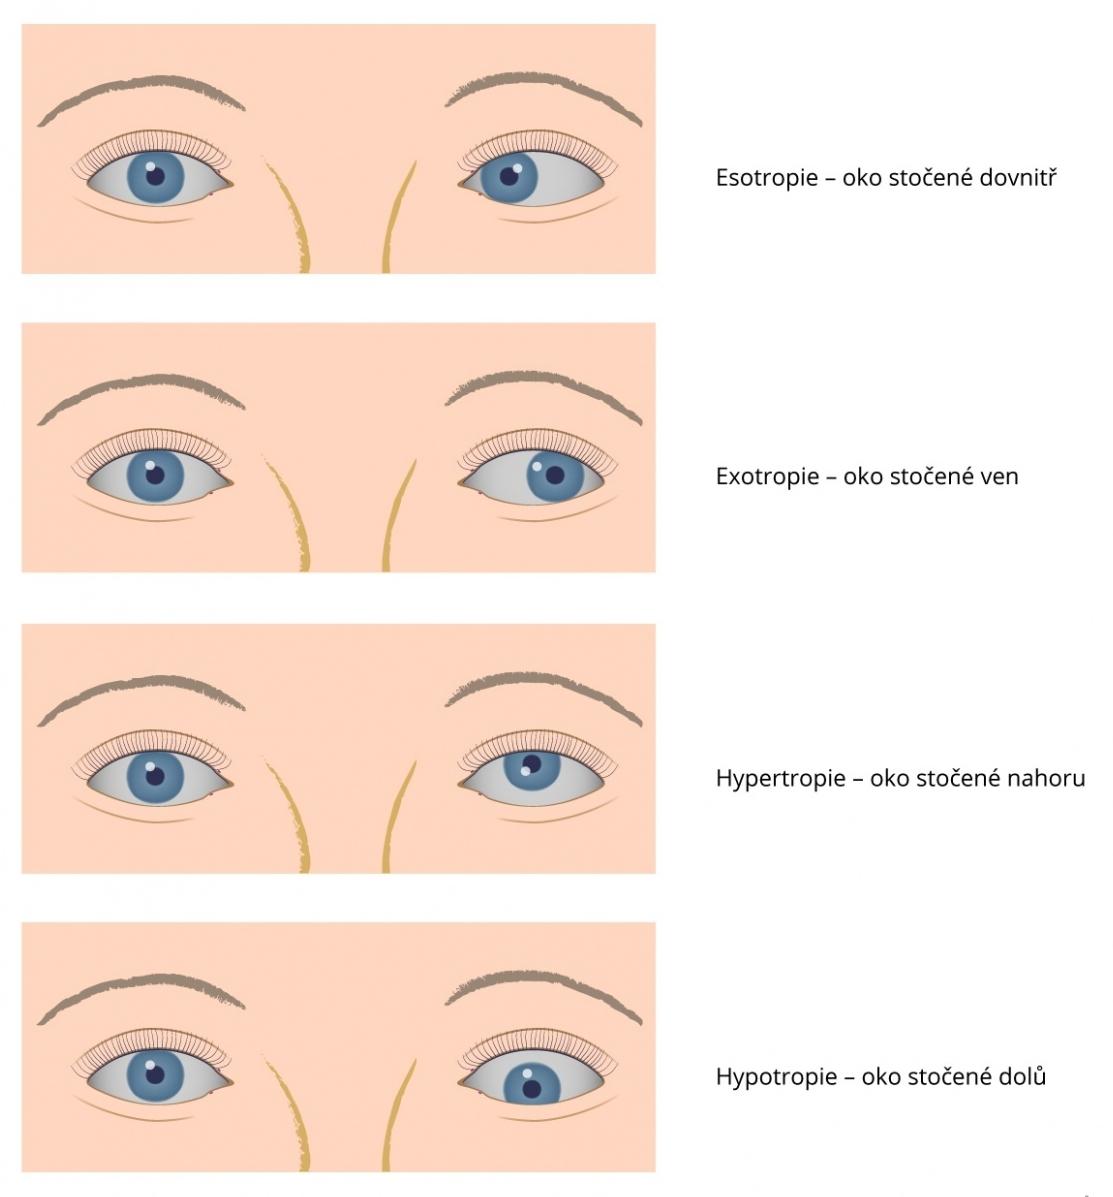 Šilhání - strabismus